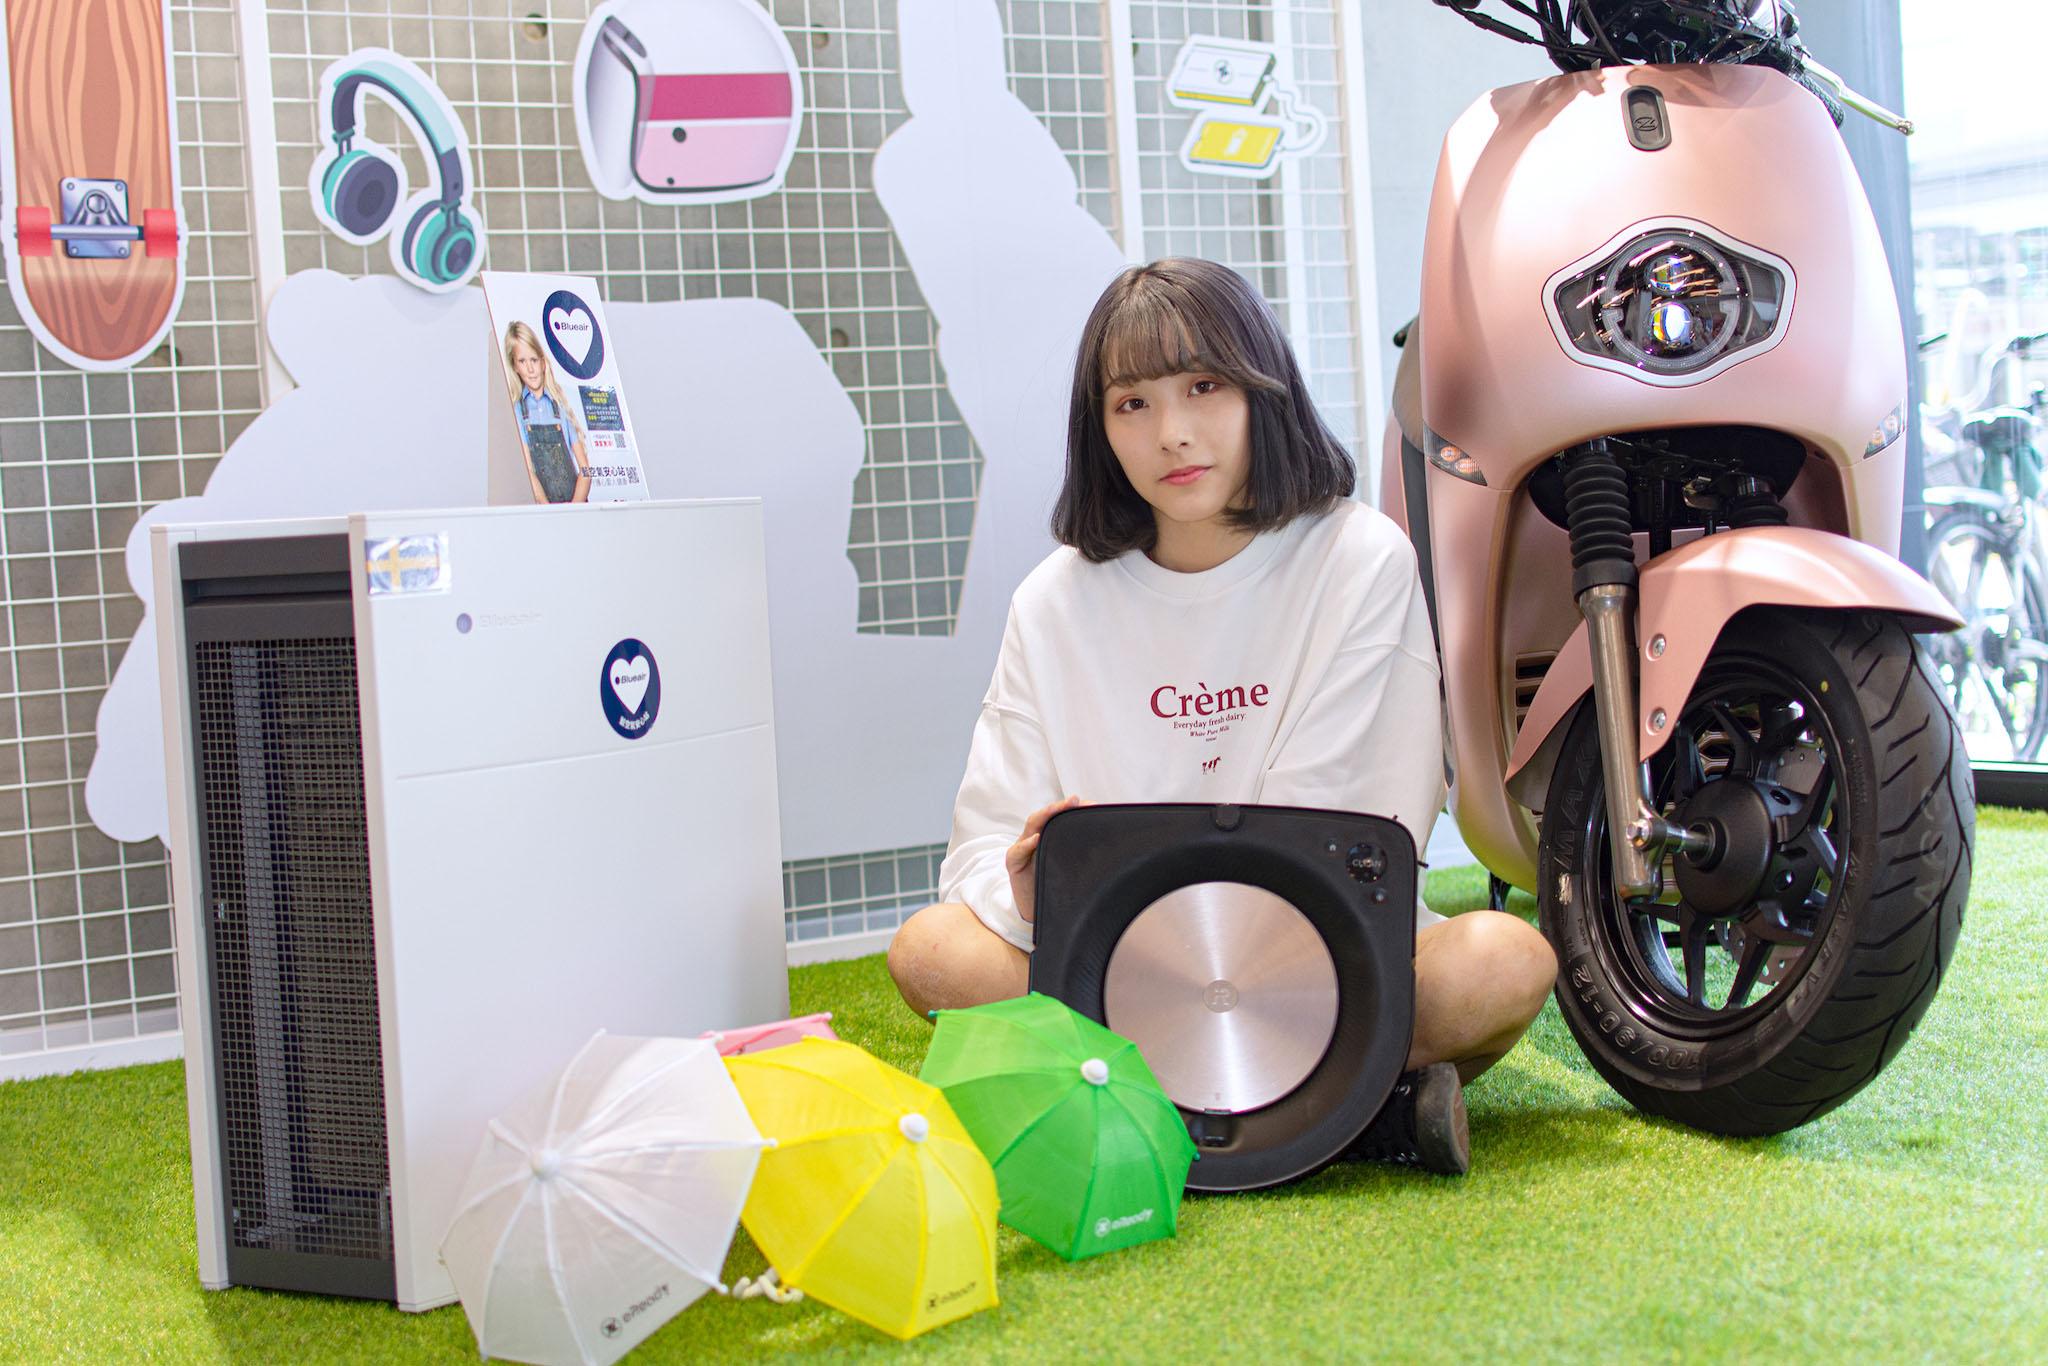 台北市第一家eReady服務據點正式開幕,來大安店試乘eReadyFun不僅贈送eReady小雨傘,還可抽智慧生活家電。